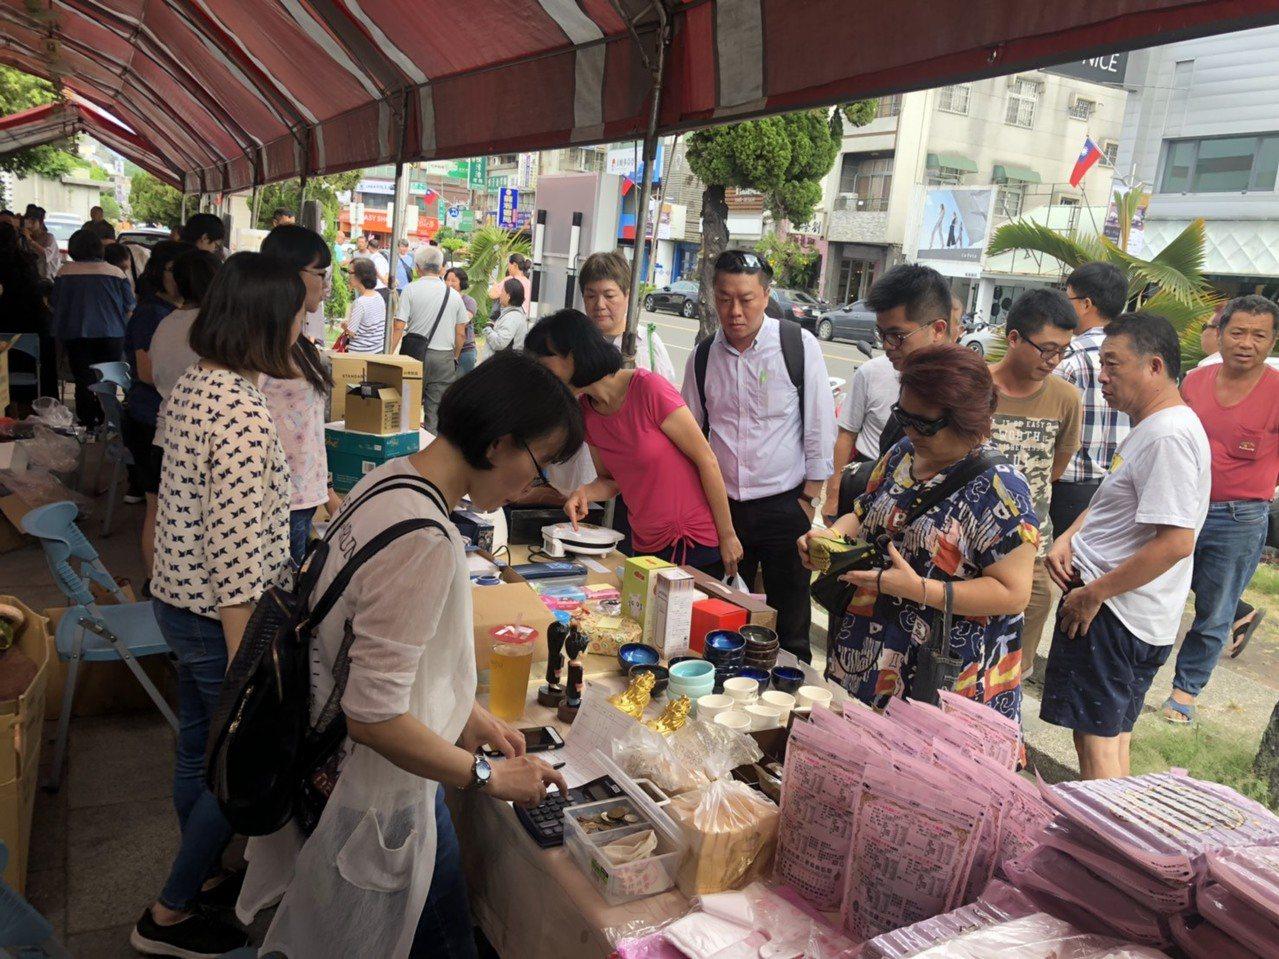 法務部行政執行署嘉義分署今天下午舉辦「123全國聯合拍賣日」,大批人潮前來搶購。...